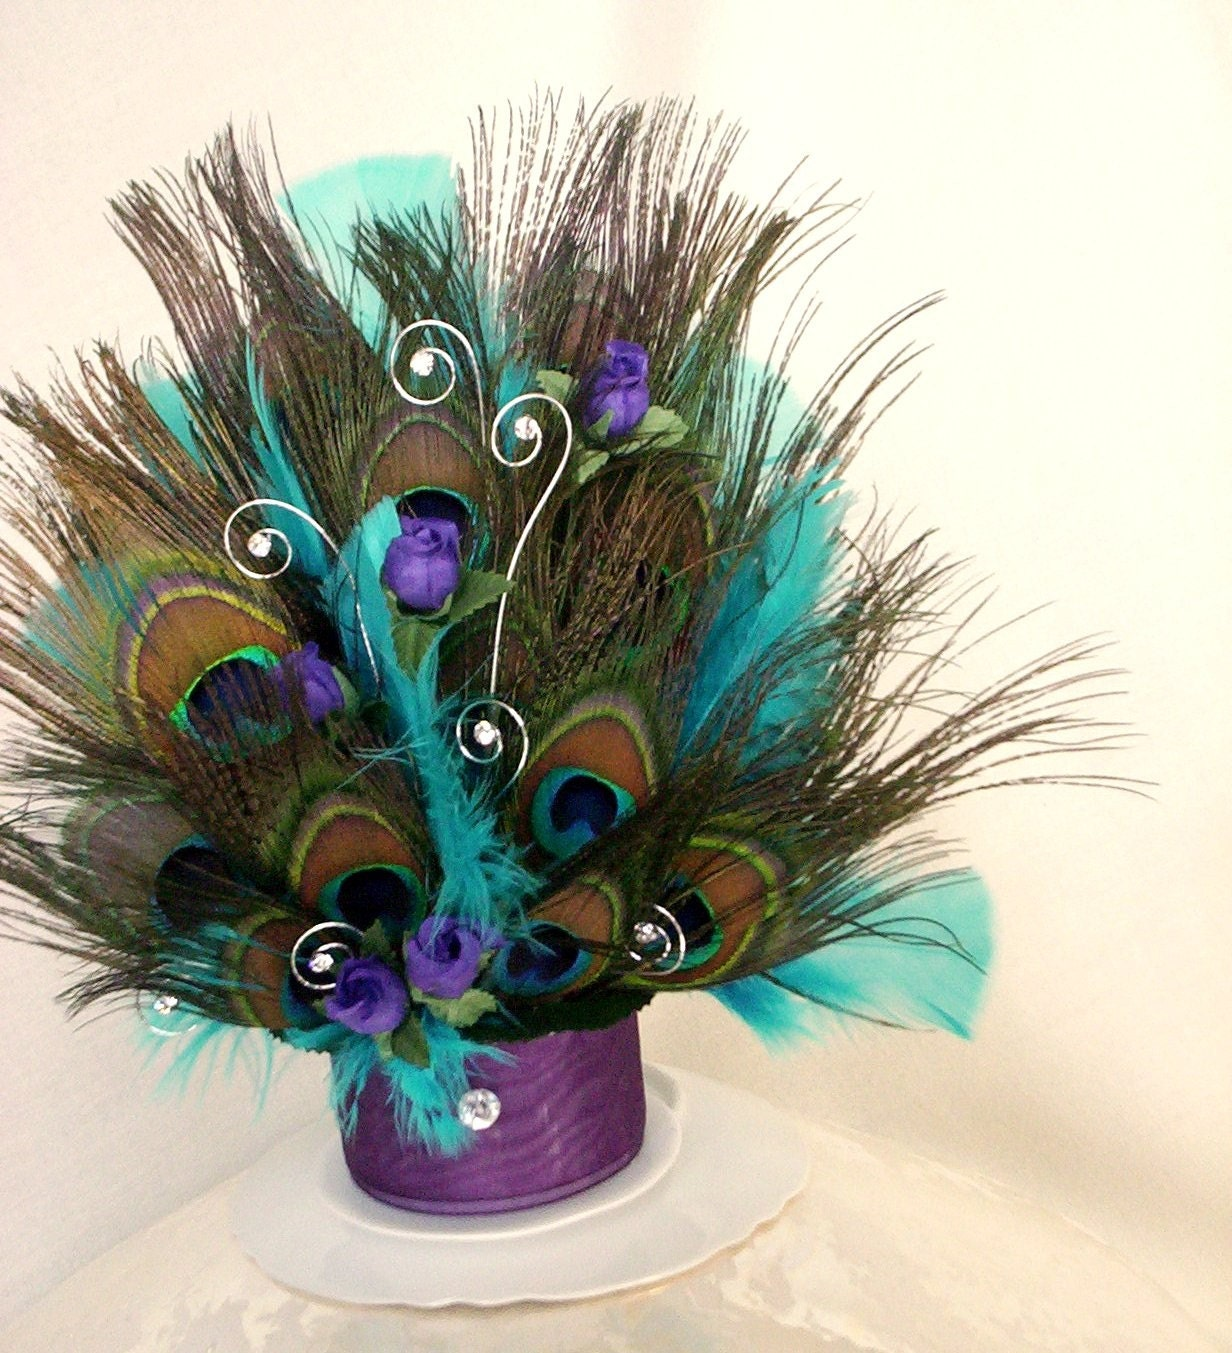 Peacock Feather Wedding Cake: Peacock Over The Top Wedding Cake Topper An AmoreBride